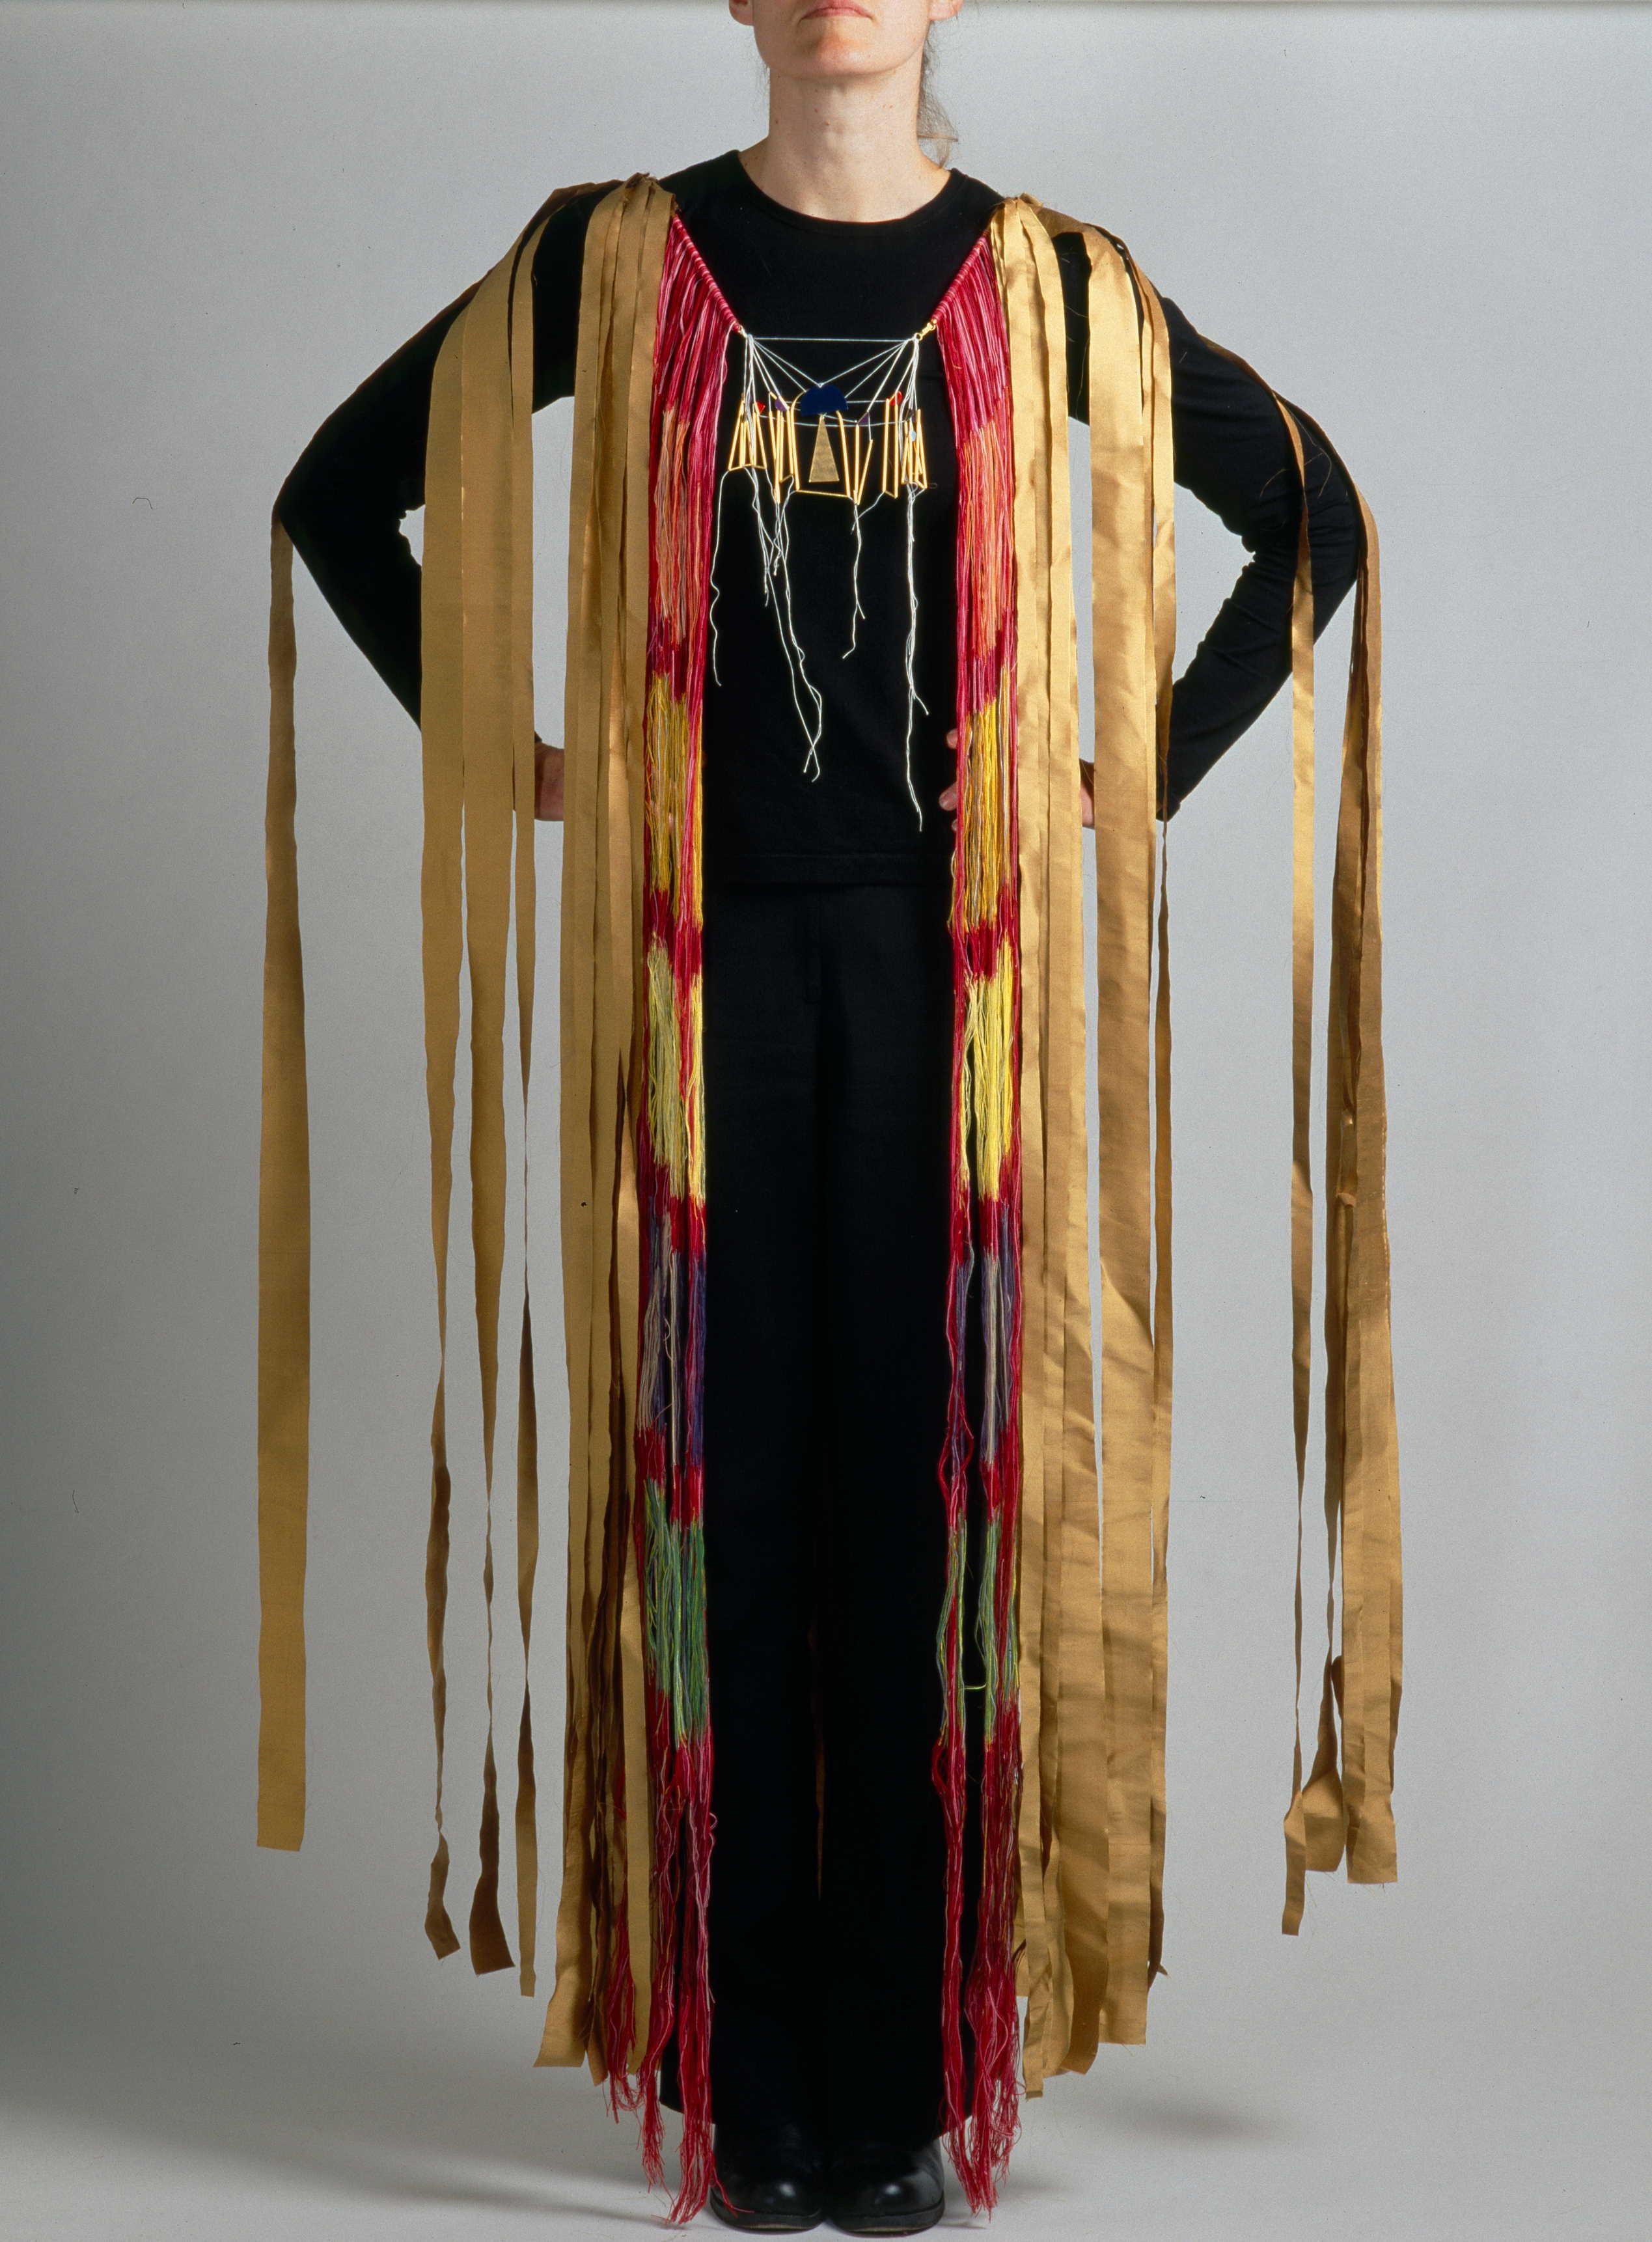 Katrine Borup, Bishop's robe - a paraphrase, 2004. Foto Ole Akhøj, textiel